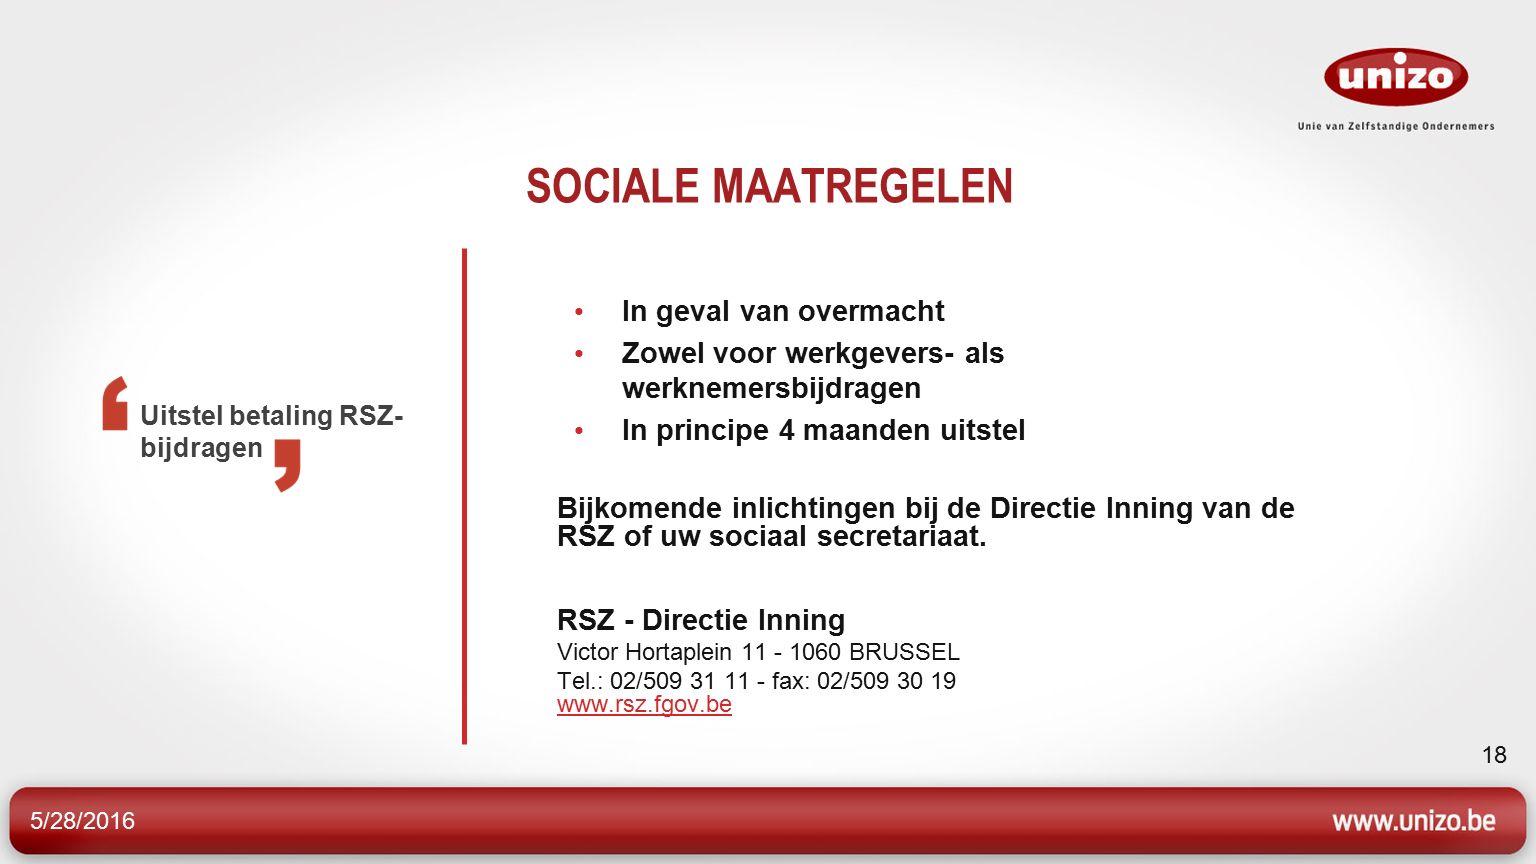 5/28/2016 18 SOCIALE MAATREGELEN In geval van overmacht Zowel voor werkgevers- als werknemersbijdragen In principe 4 maanden uitstel Bijkomende inlichtingen bij de Directie Inning van de RSZ of uw sociaal secretariaat.